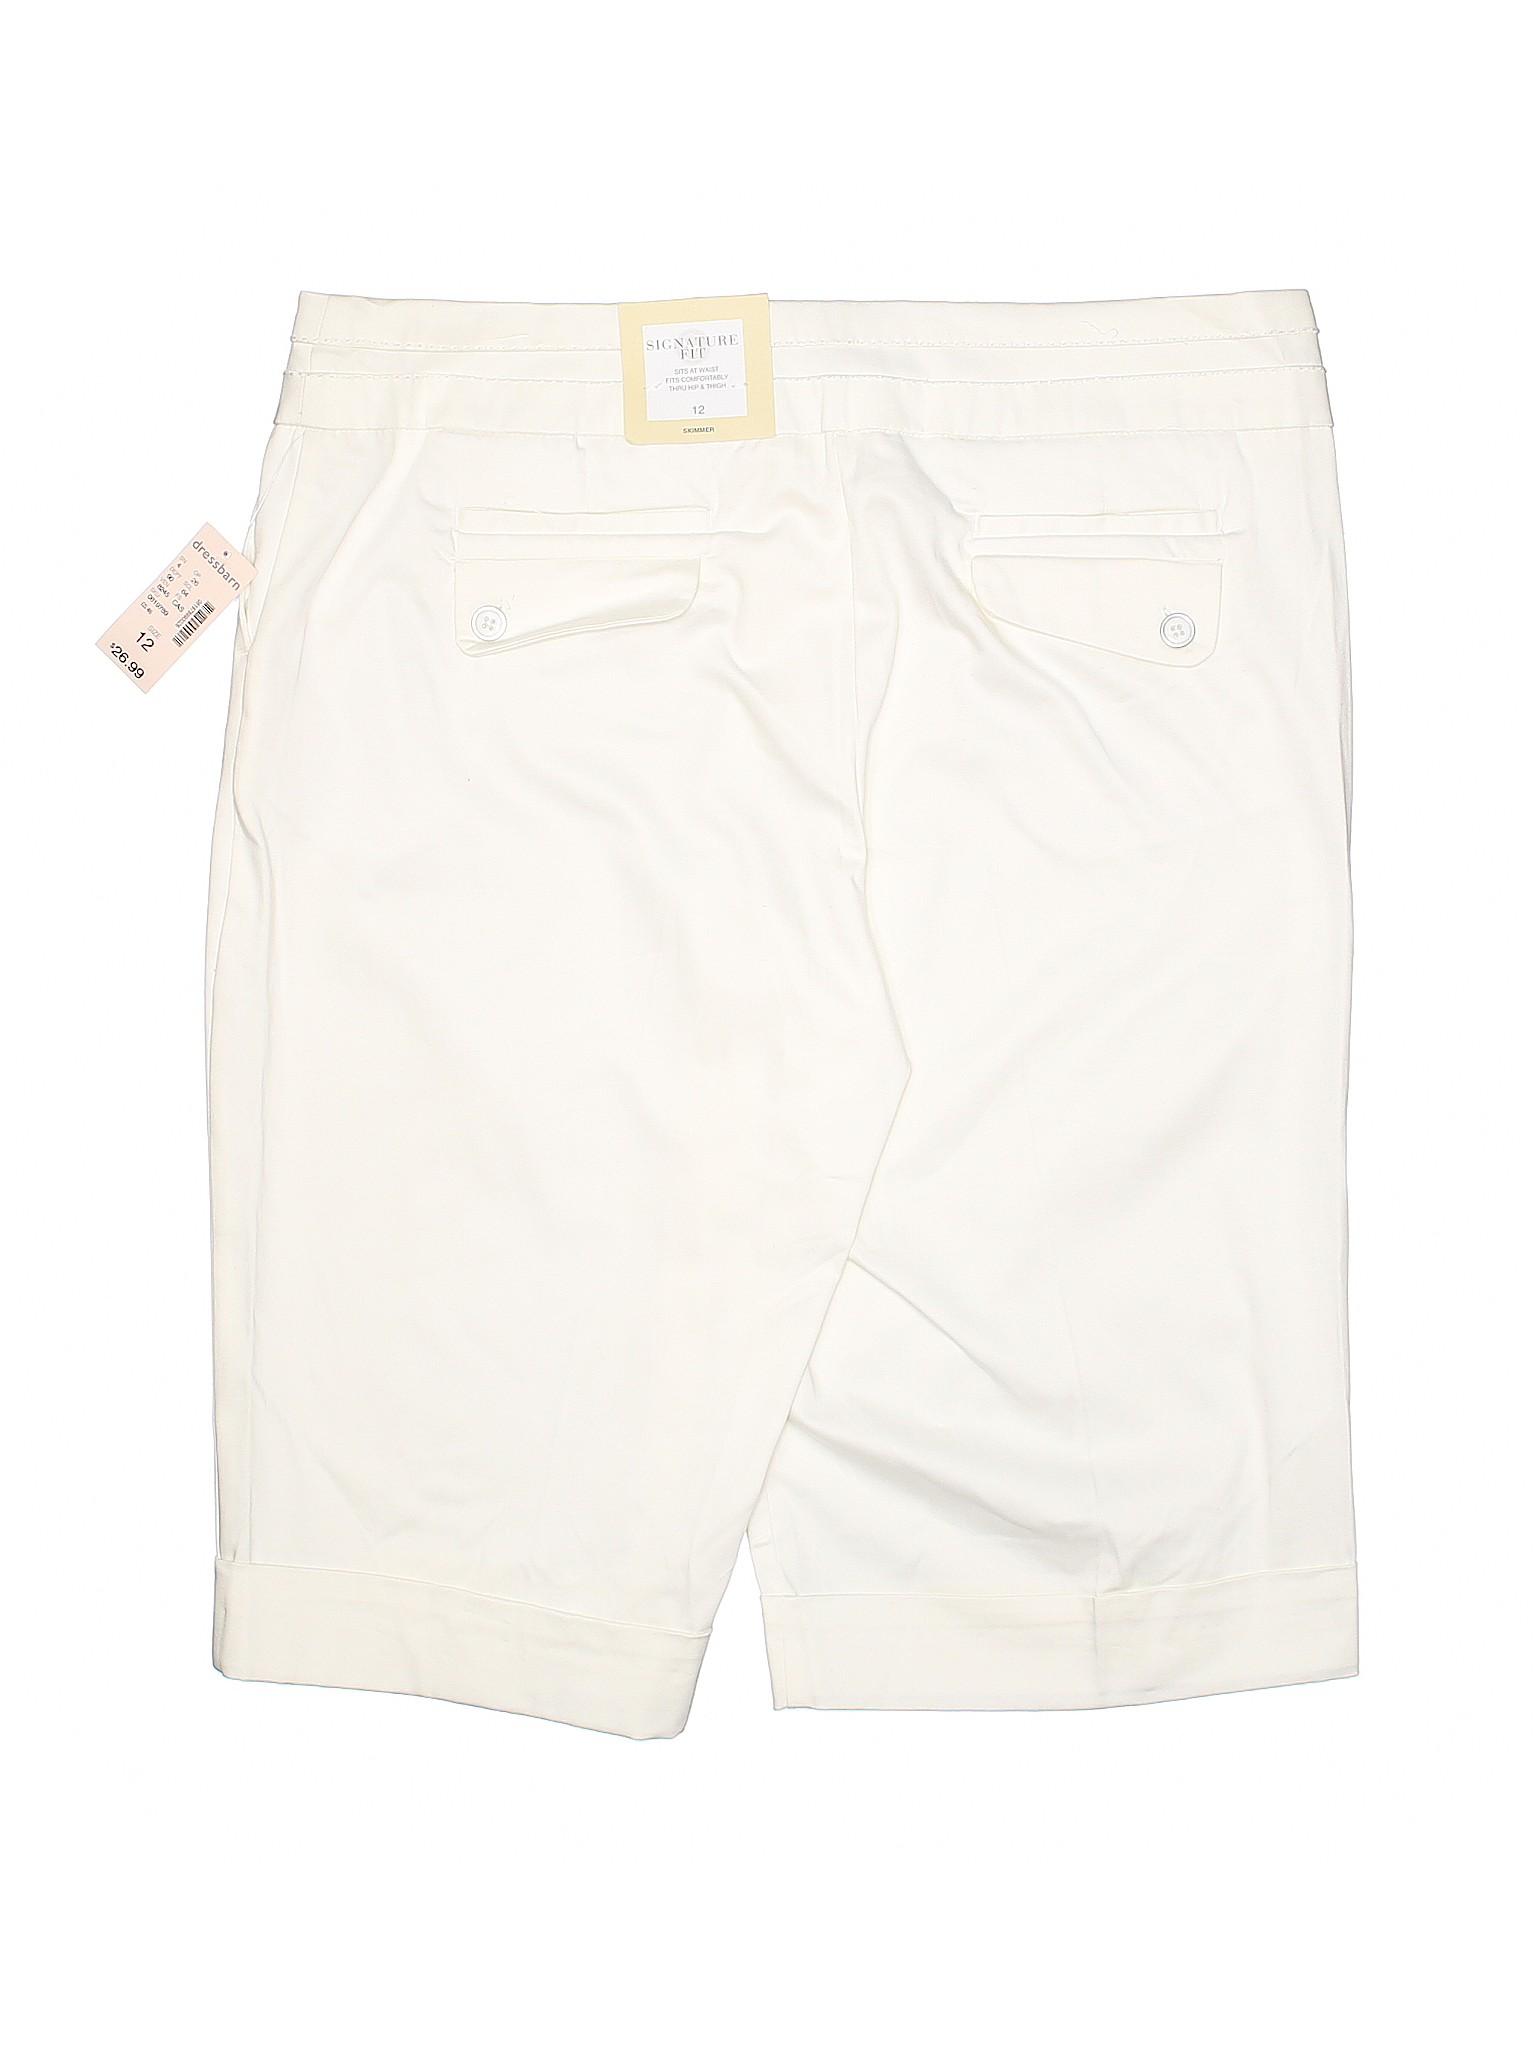 Dressy Boutique Shorts DressBarn Shorts DressBarn Boutique Dressy DressBarn Dressy Shorts Boutique EwqHxn6aEY